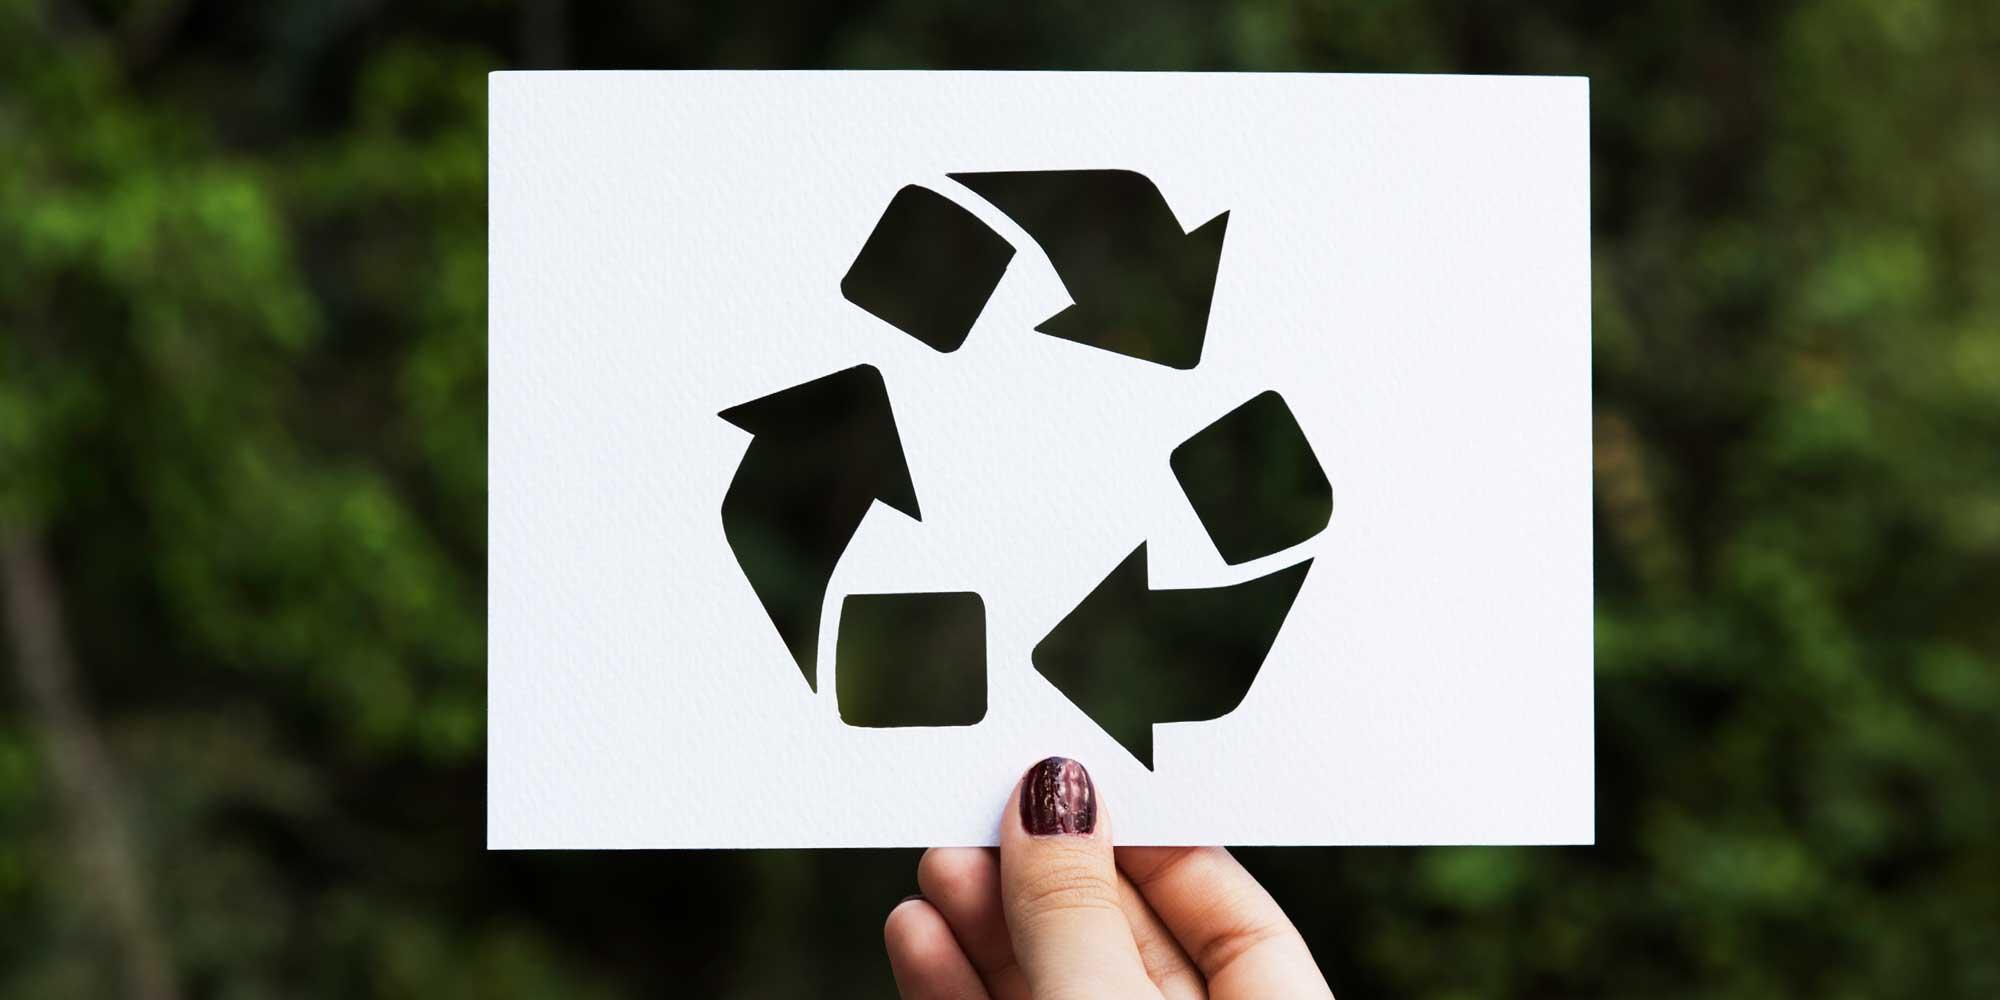 PaperWise umweltfreundlich sozial verantwortlich o?kologisch papier karton landwirtschaftlichen abfa?llen